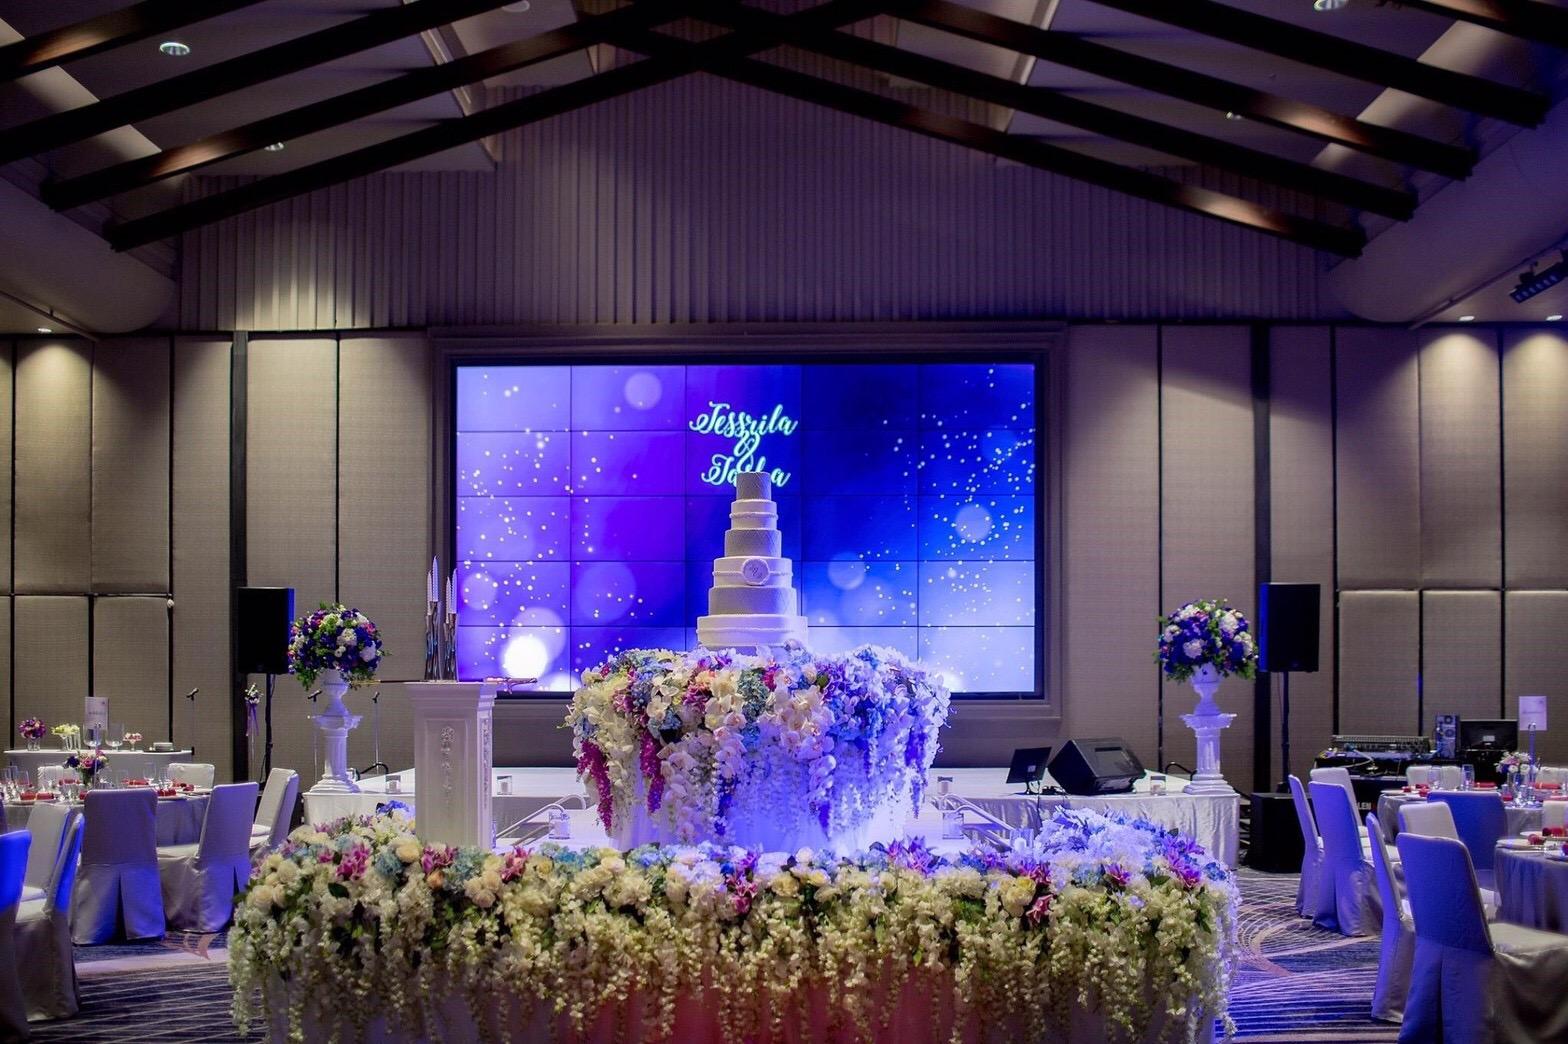 2 จัดงานแต่งแบบ Premium พร้อมข้อเสนอพิเศษกว่า 100,000 บาท! ตลอดปี 2020 ที่ Bangkok Marriott Marquis Queen's Park